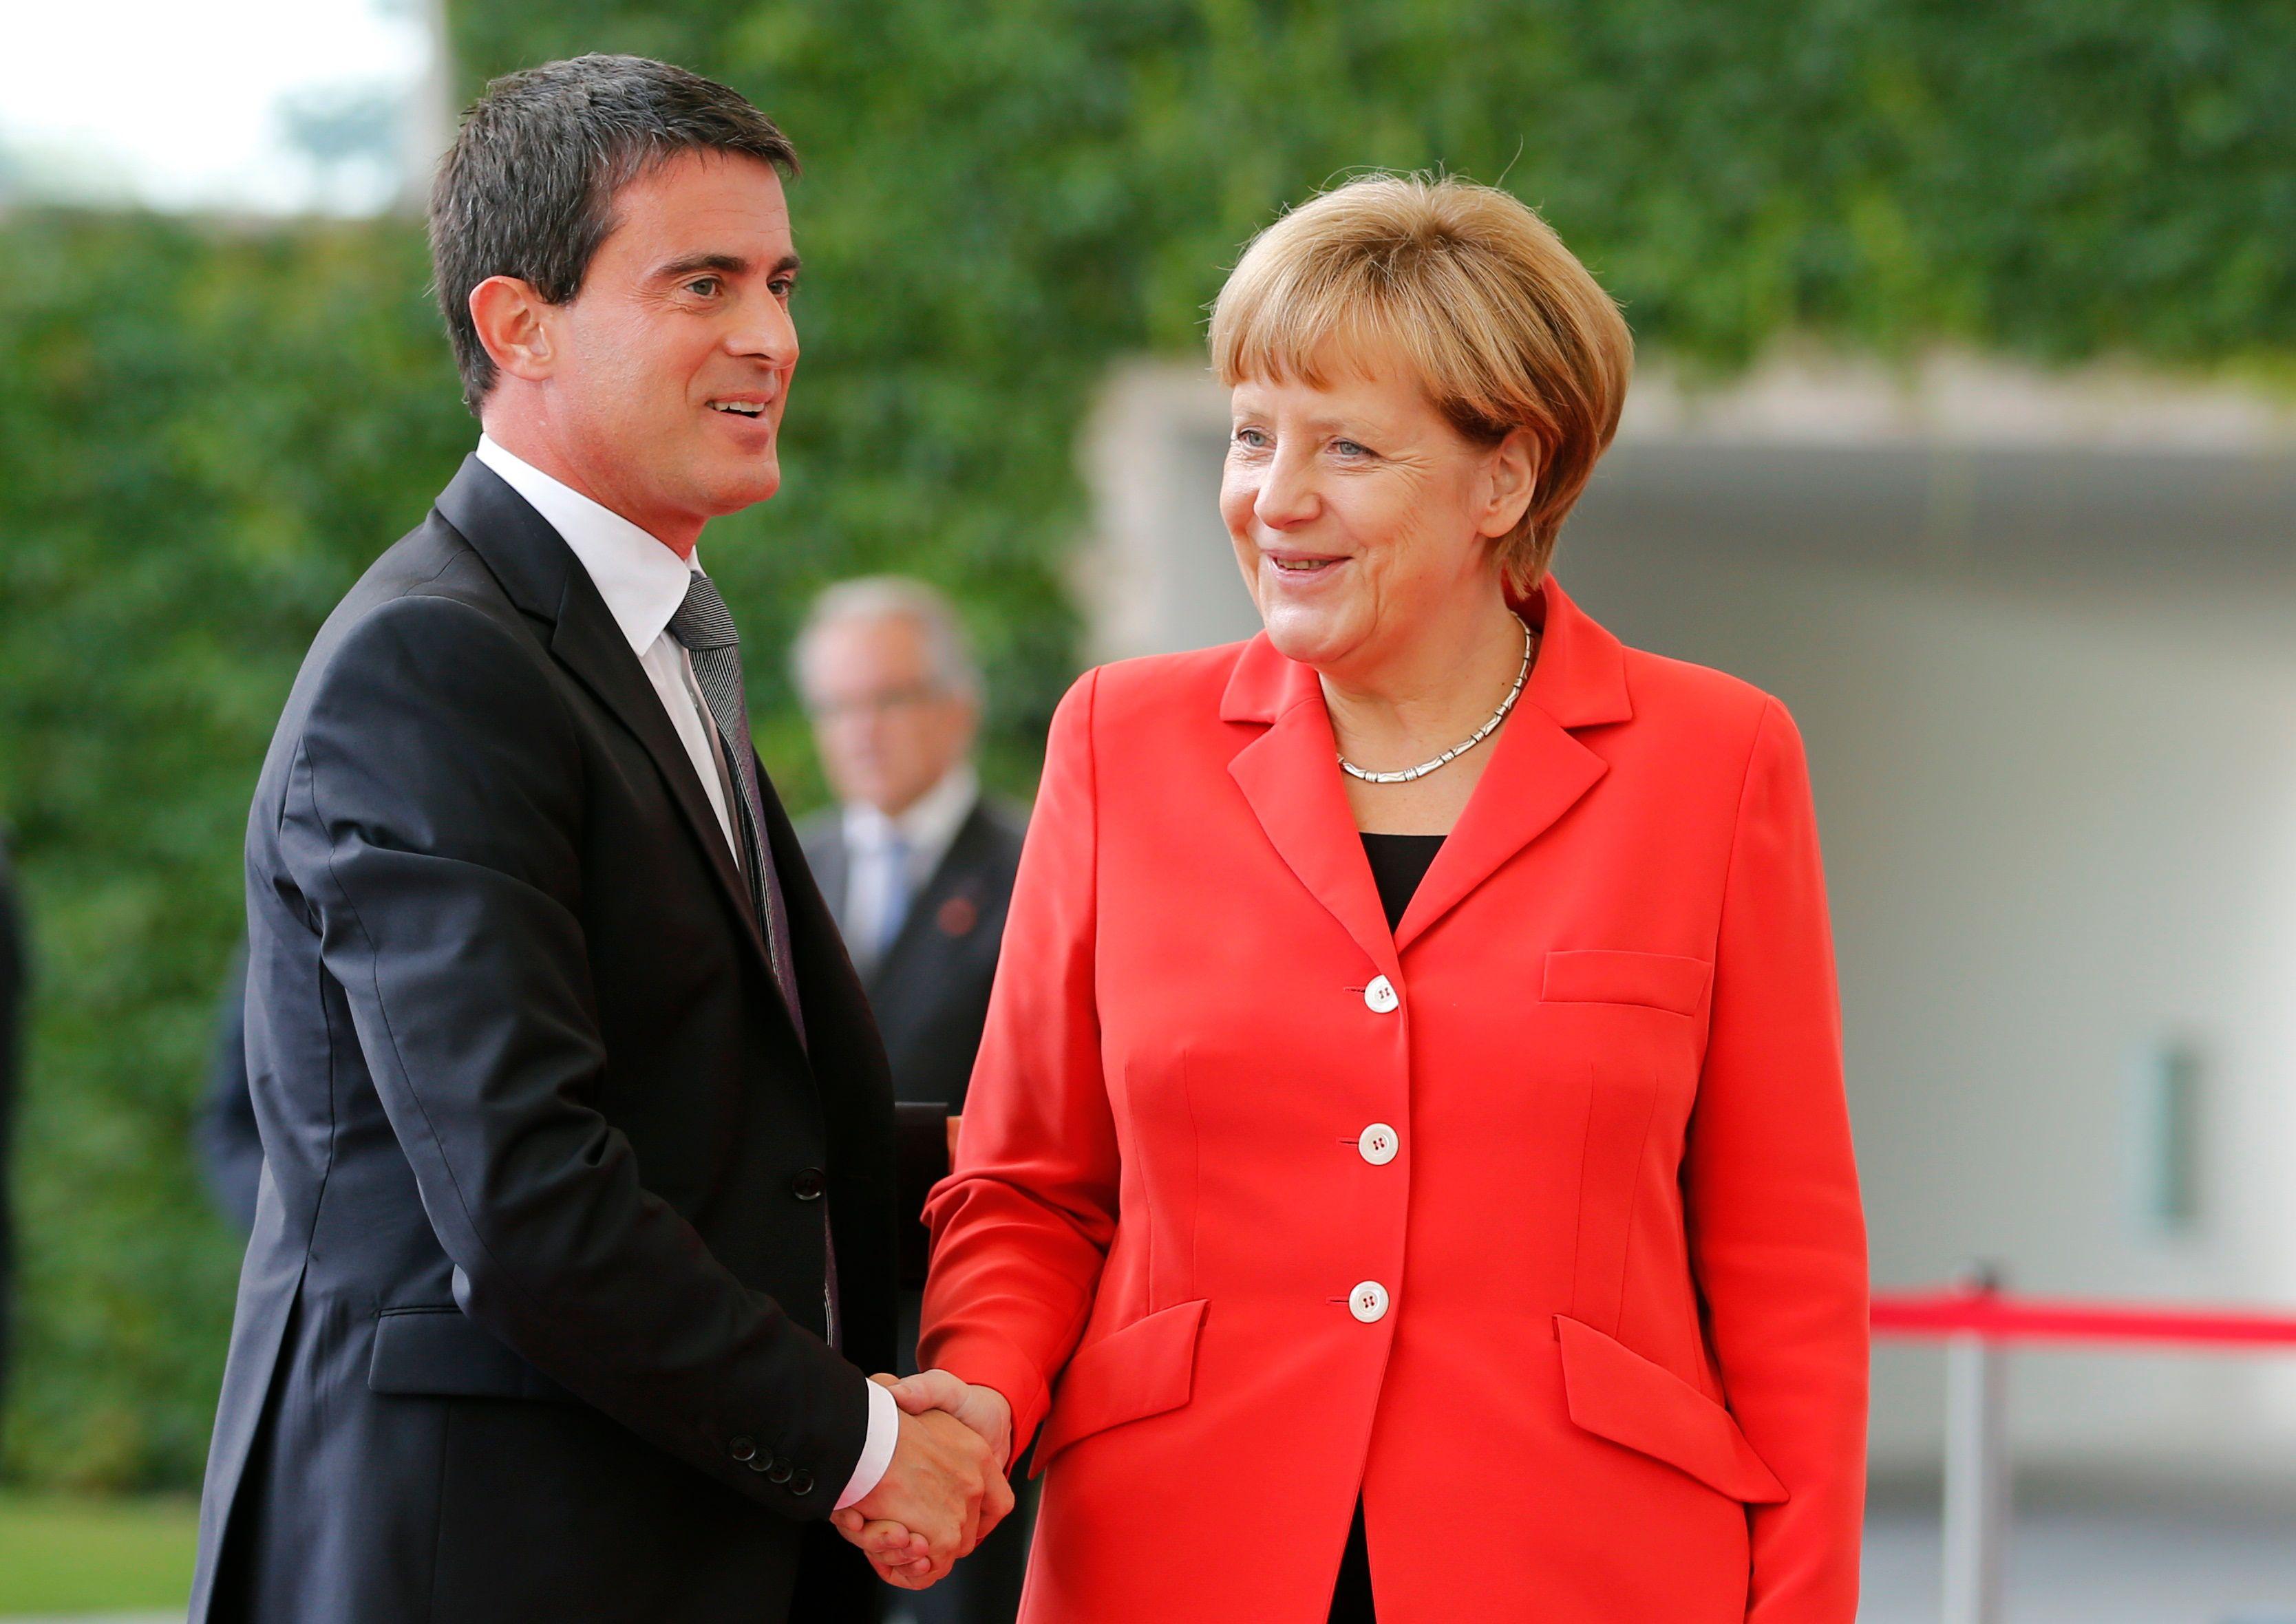 Le Premier ministre français et la chancelière allemande déjeunent ensemble ce lundi 22 septembre.